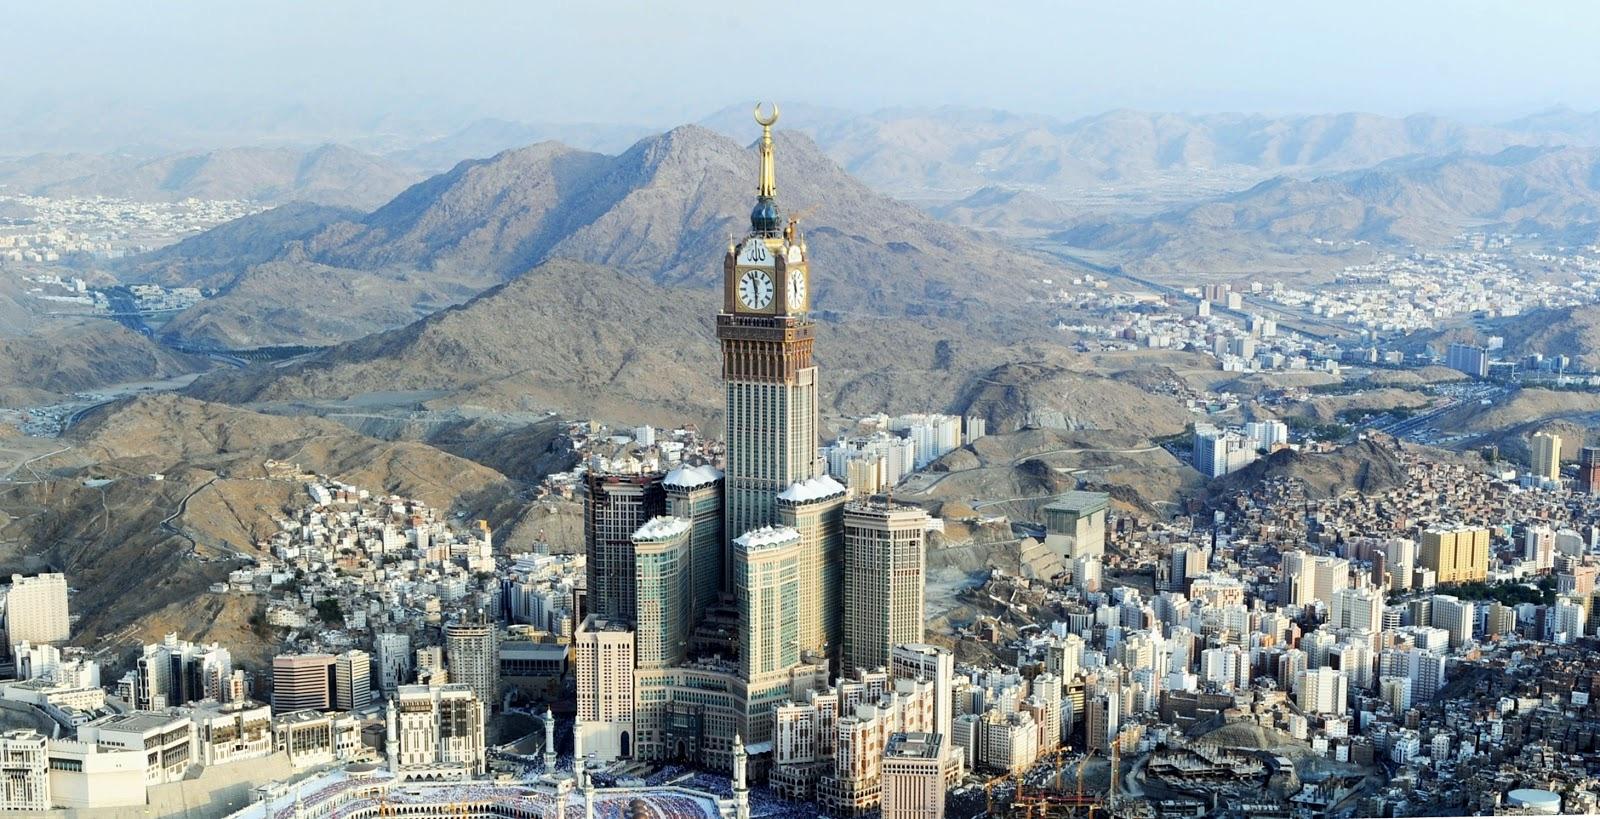 Kết quả hình ảnh cho Makkah Royal Clock Tower